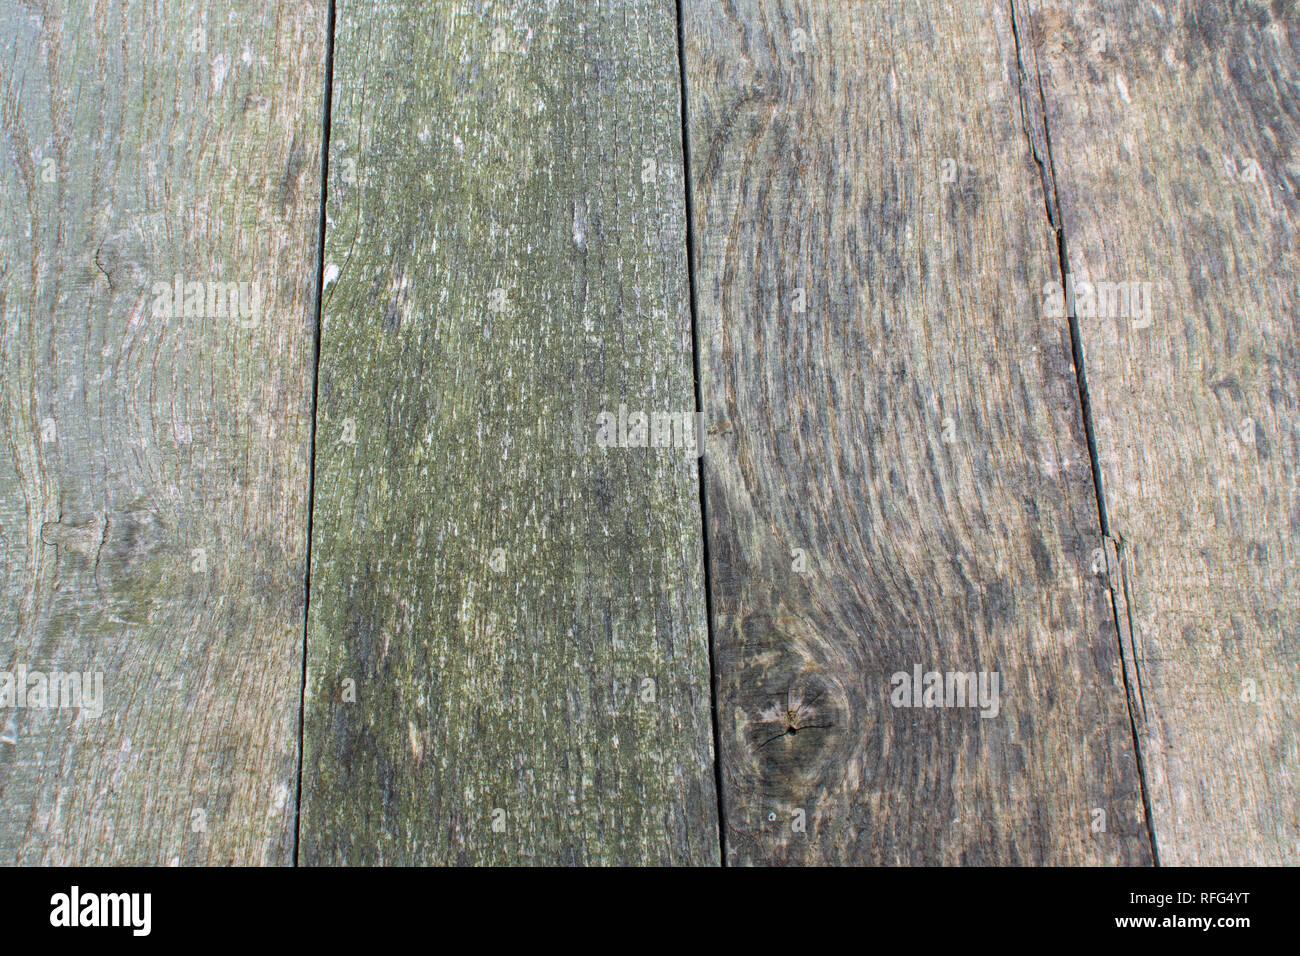 Fußboden Aus Palettenholz ~ Verwitterte palette holz bretter mit grünen highlights vertikal als